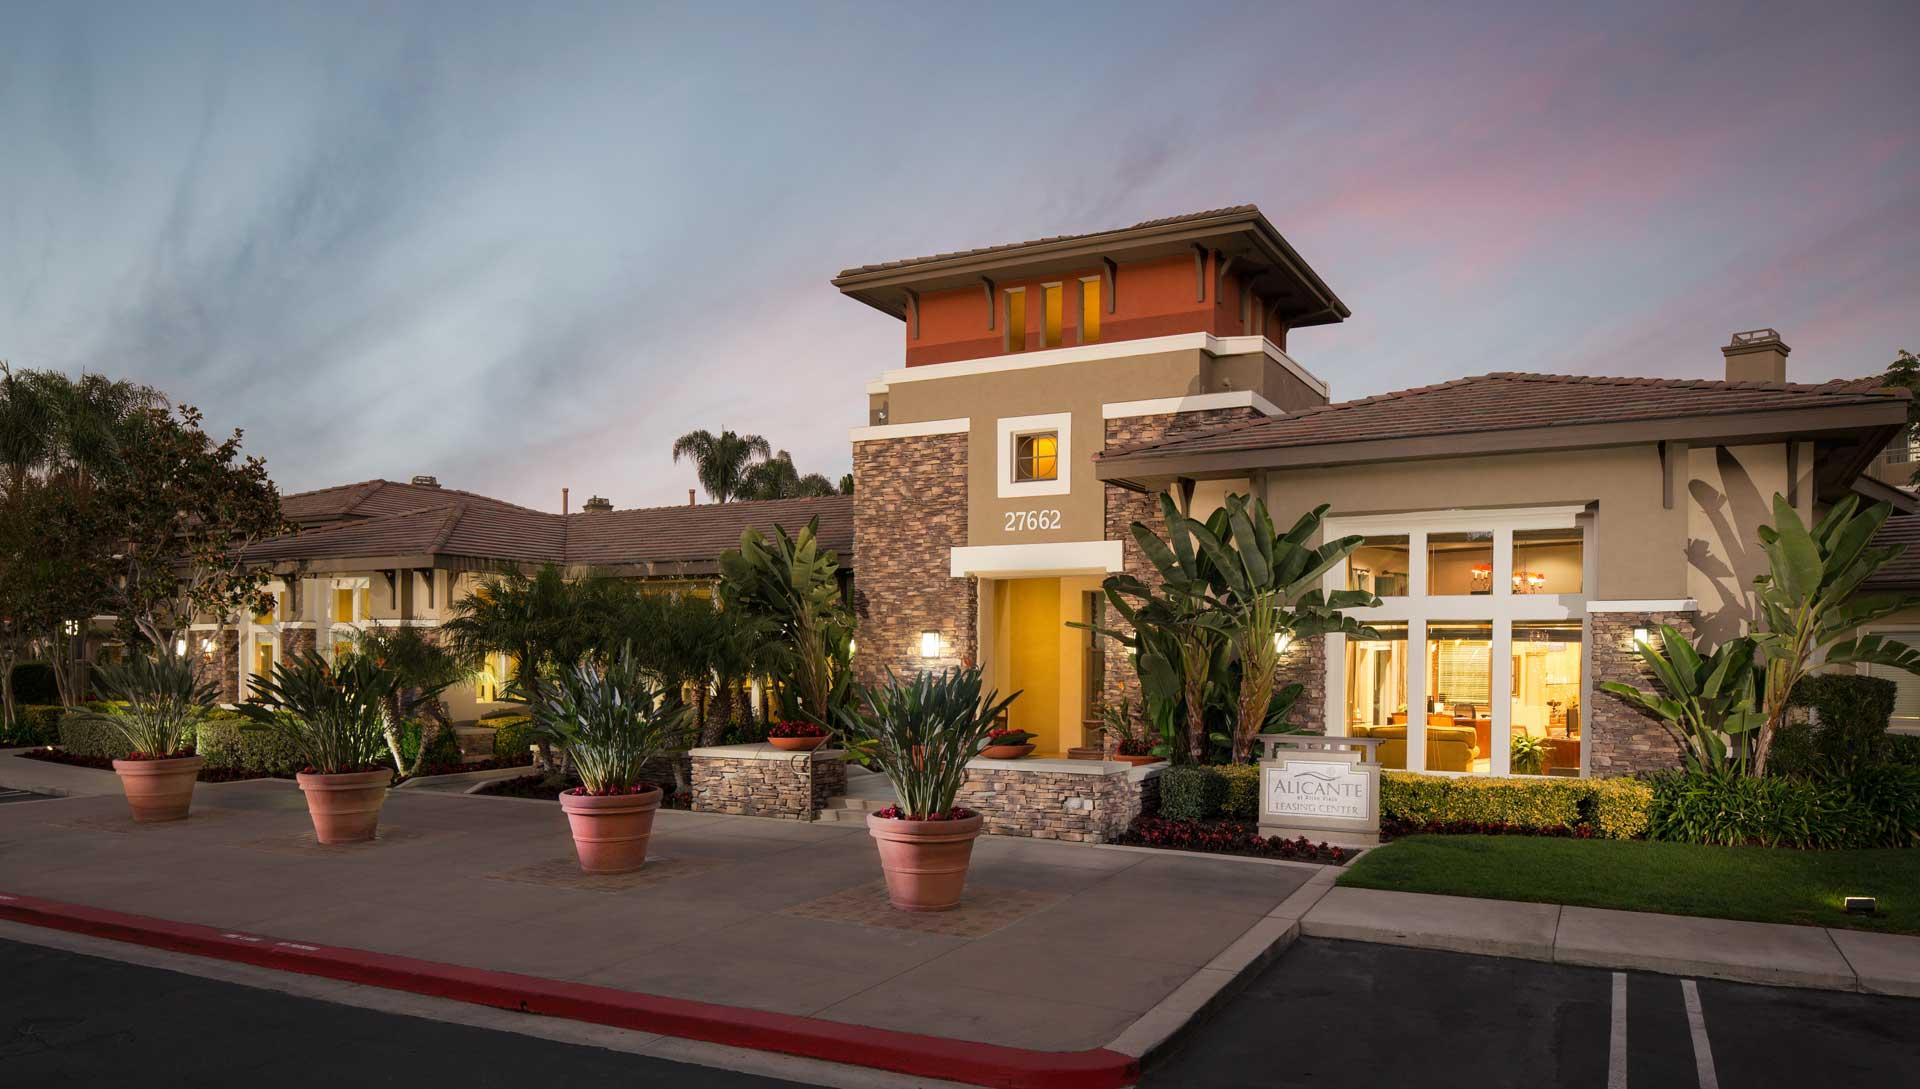 Apartments in Aliso Viejo, CA